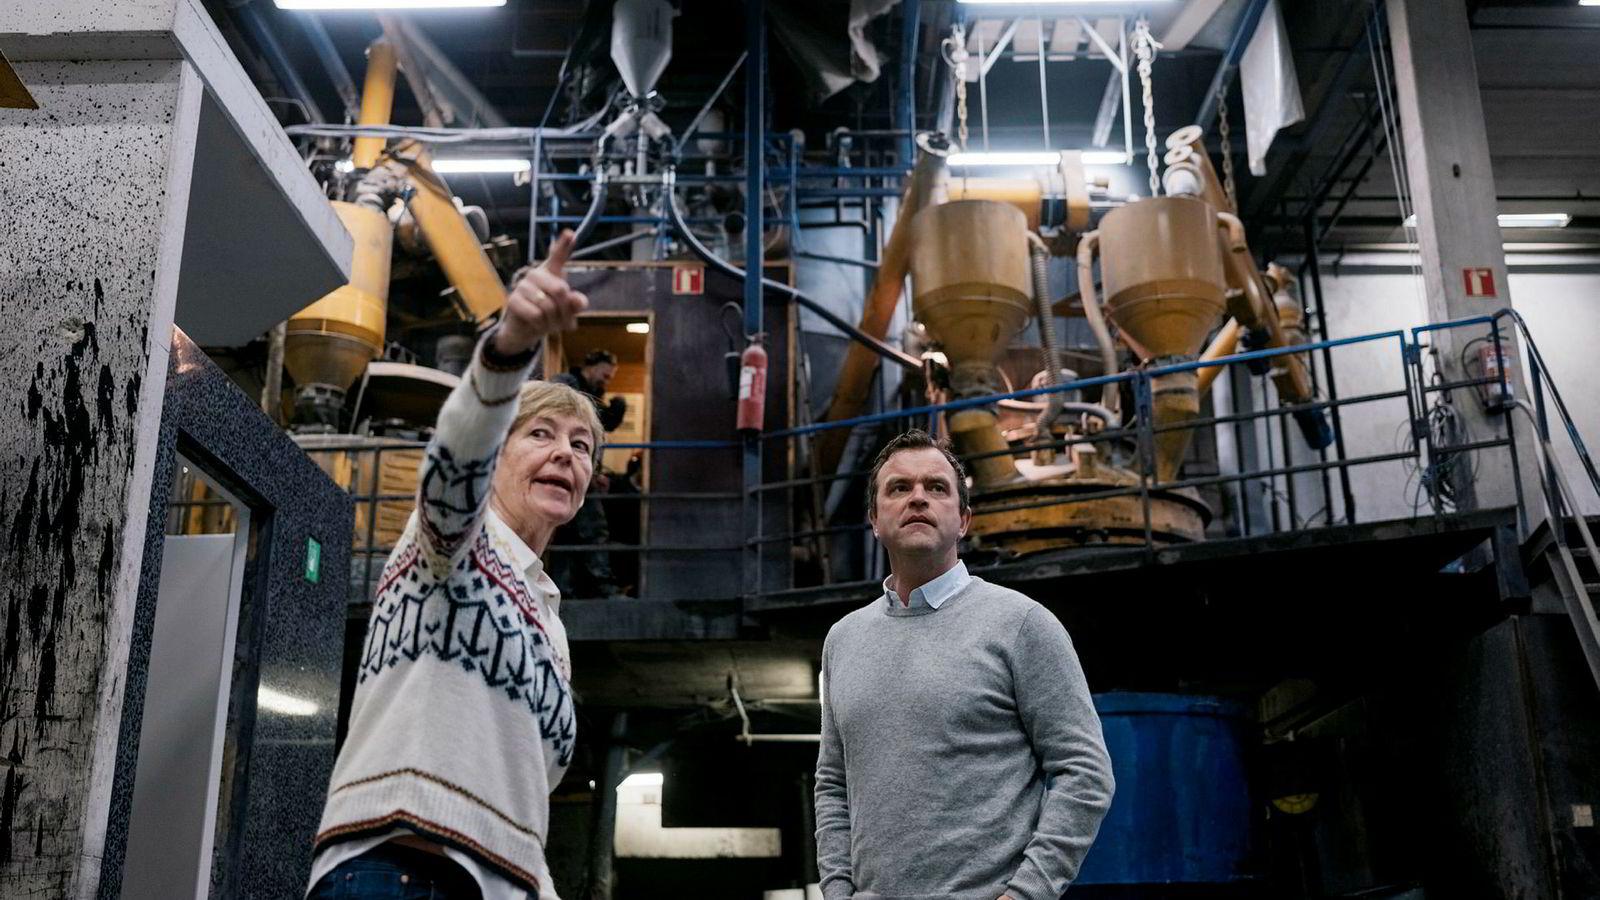 Randi S. Egeland er en veteran i elementbransjen og kan vise til marginer mannlige kolleger kan drømme om. Nå får hun Eirik Iversen og Øgreid inn på eiersiden. Familien Øgreid vil nå bli storinvestor i tradisjonelle industribedrifter på Jæren.